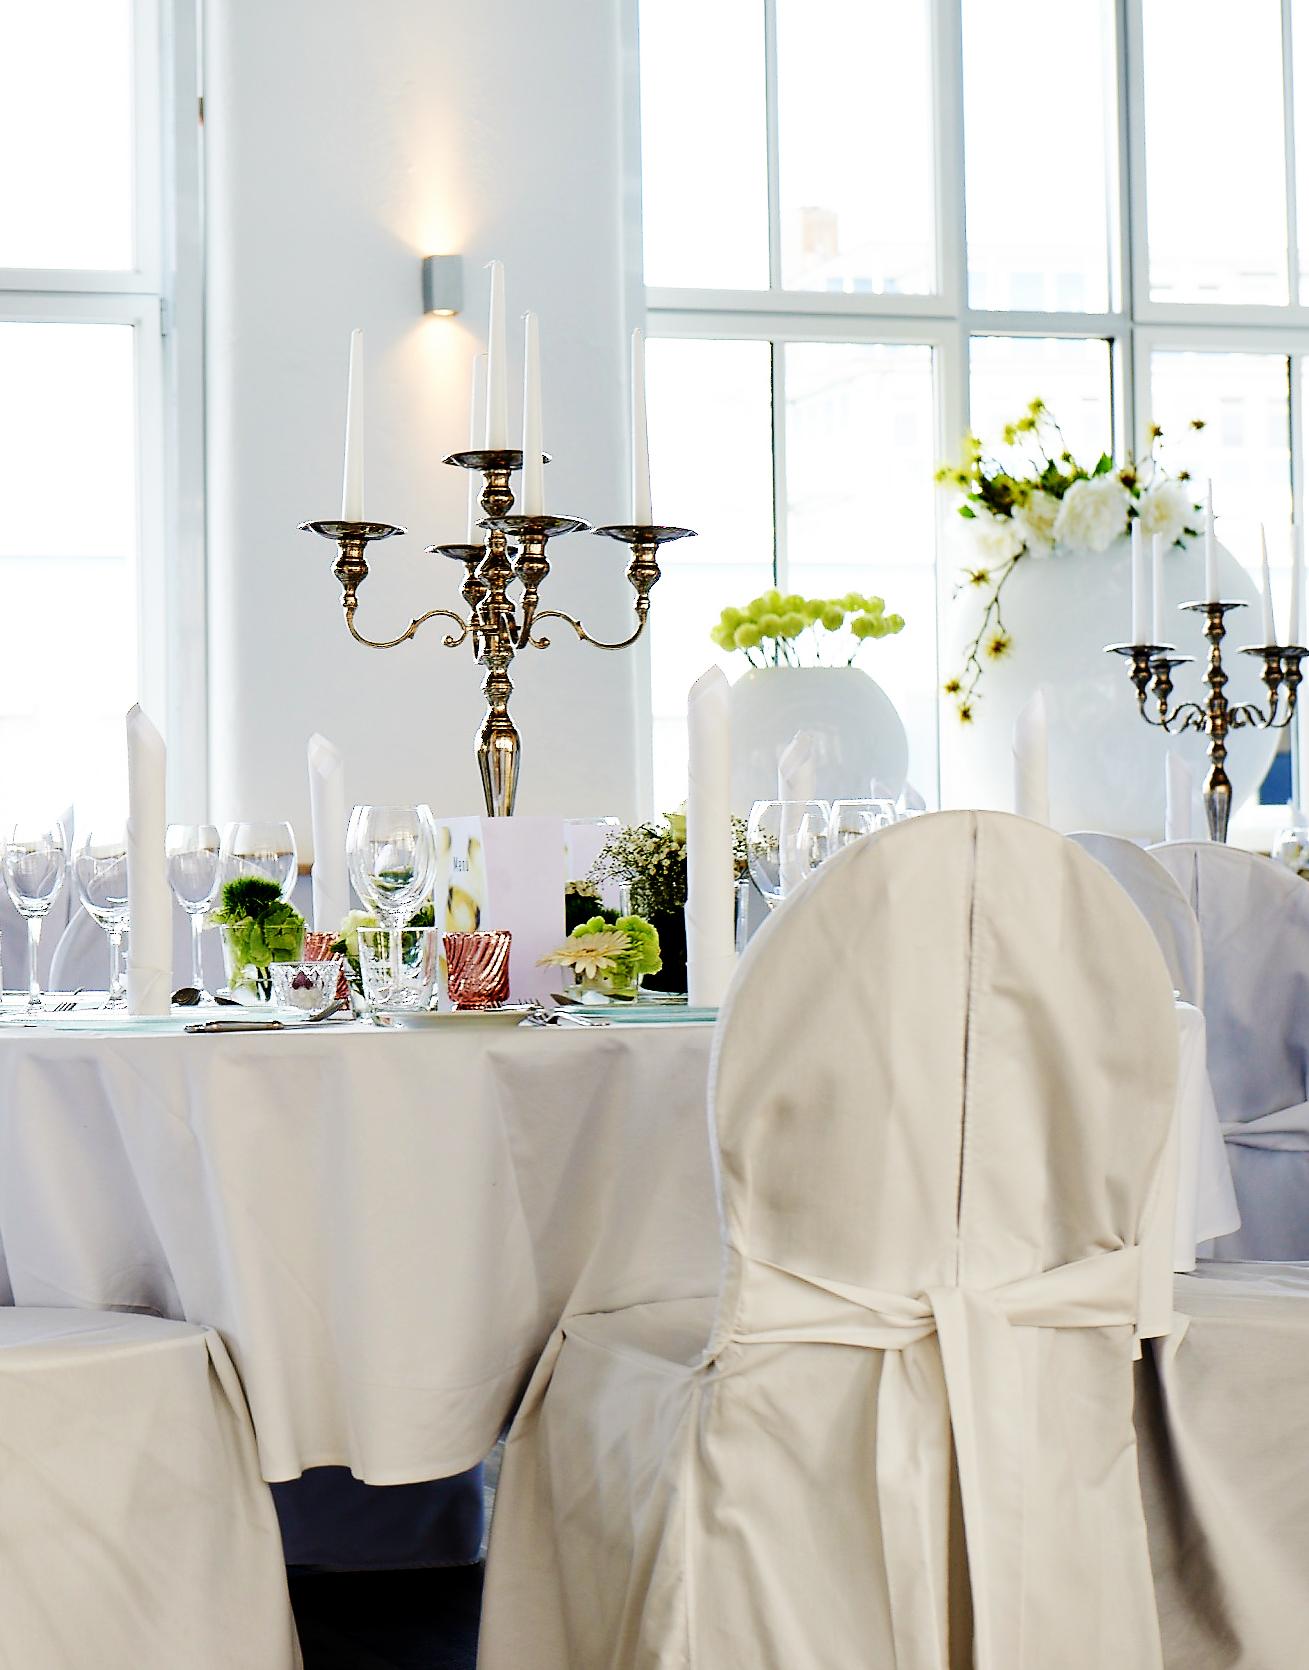 20130708_LillyCatering_Hochzeit4632